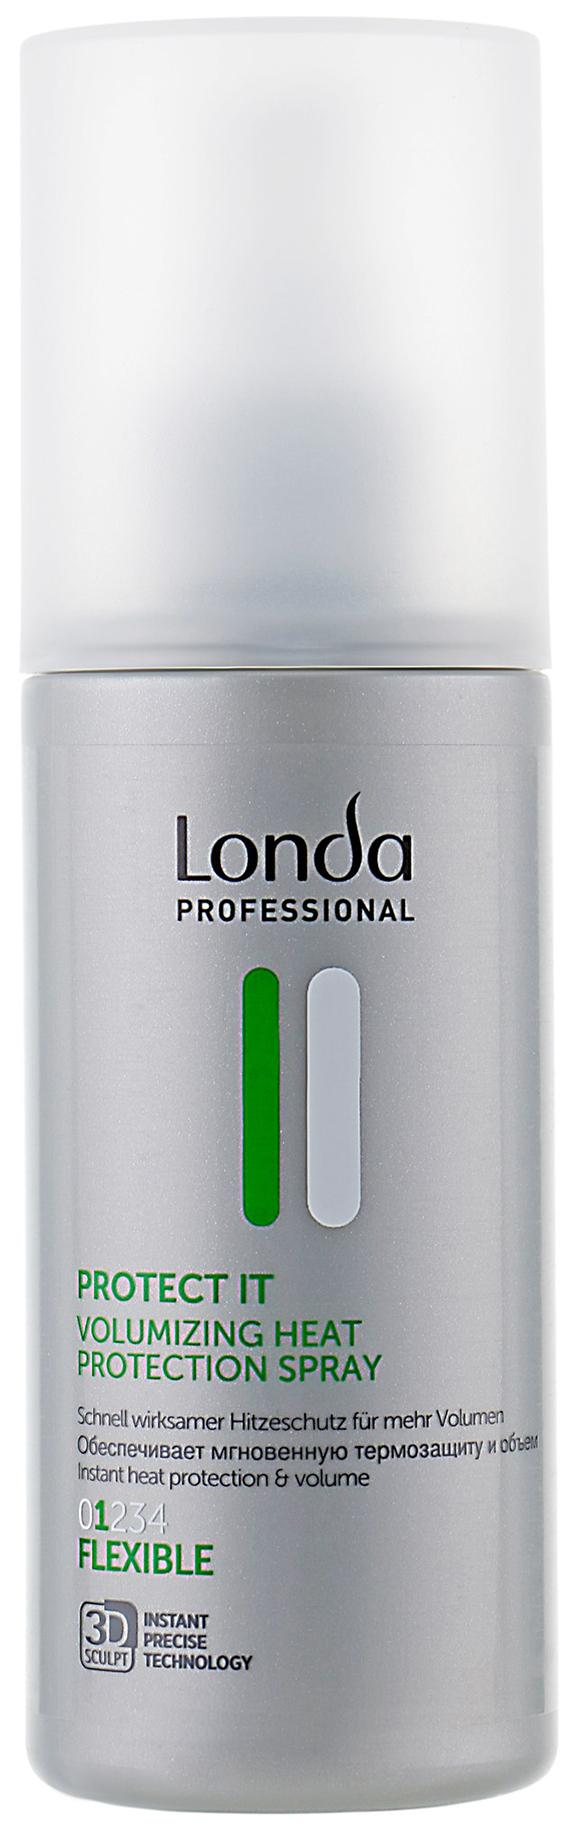 Теплозащитный лосьон Londa нормальной фиксации для придания